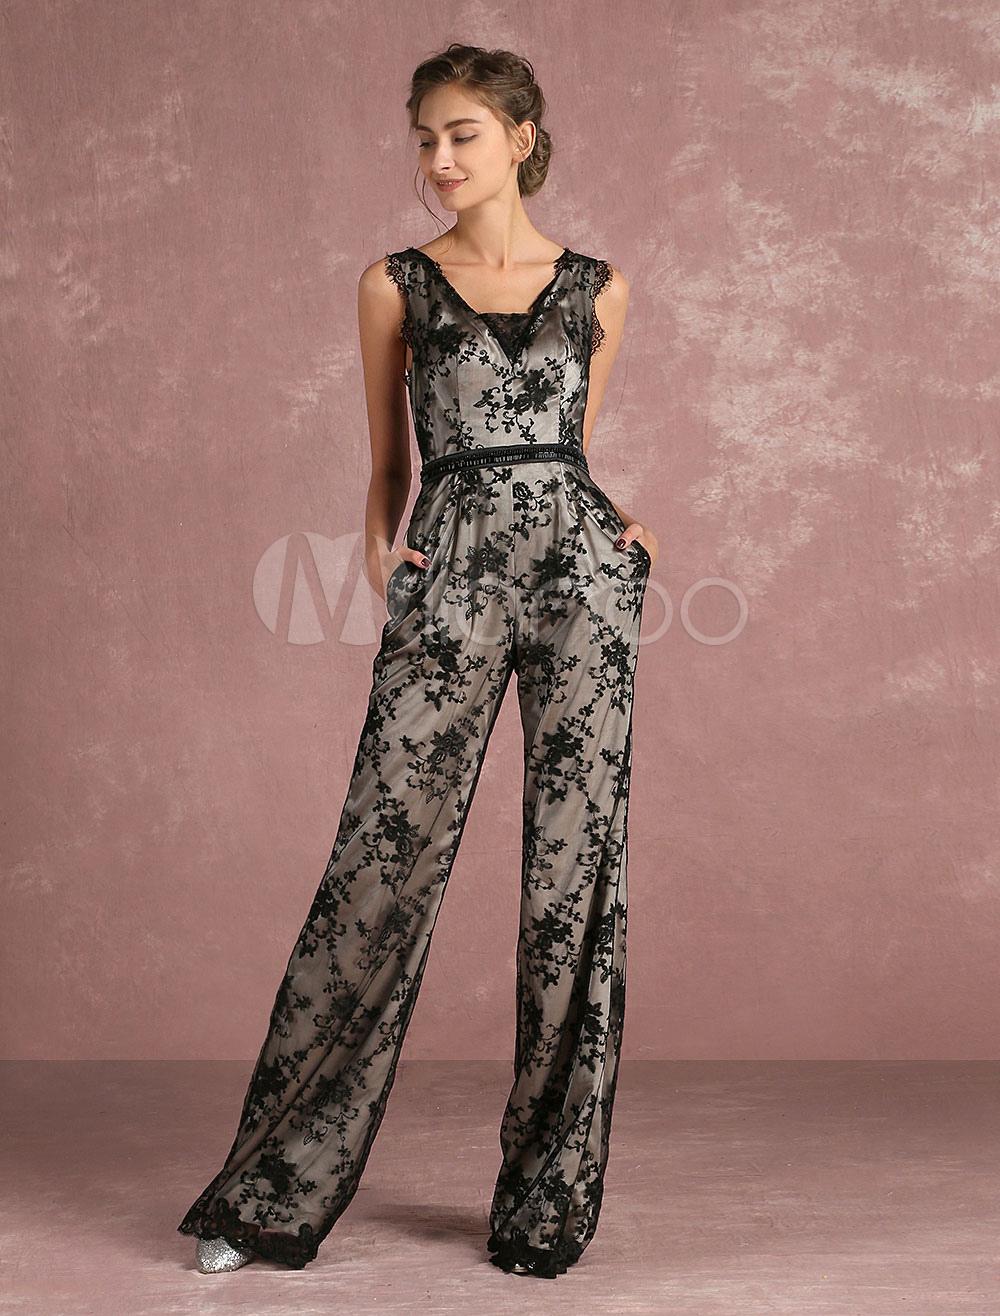 Combinaison noire dentelle v cou sans manches dos nu jambe droite formelle jumpsuit habill s en - Combinaison dos nu dentelle ...